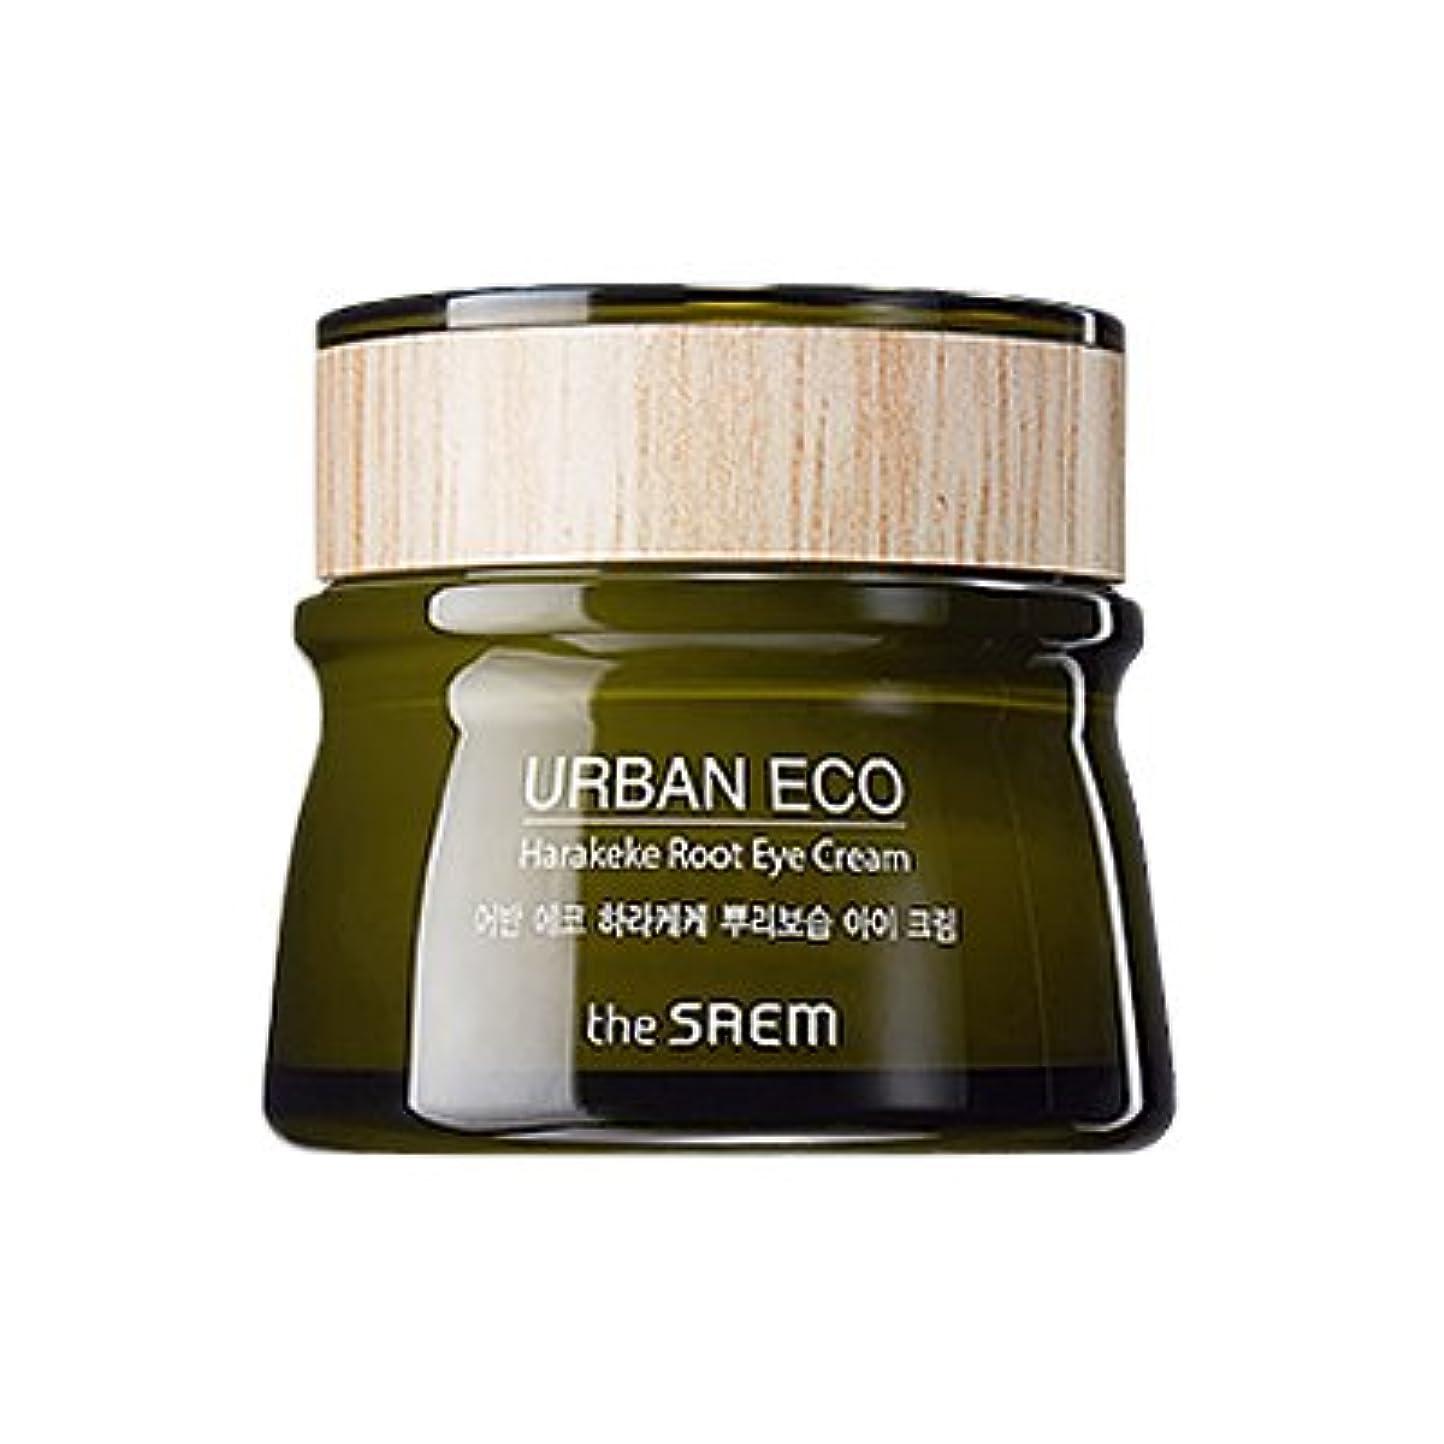 深いゴミ箱湿地The SAEM Urban Eco Harakeke Root Eye Creamザセムアーバンエコハラケケ根保湿アイクリーム [並行輸入品]